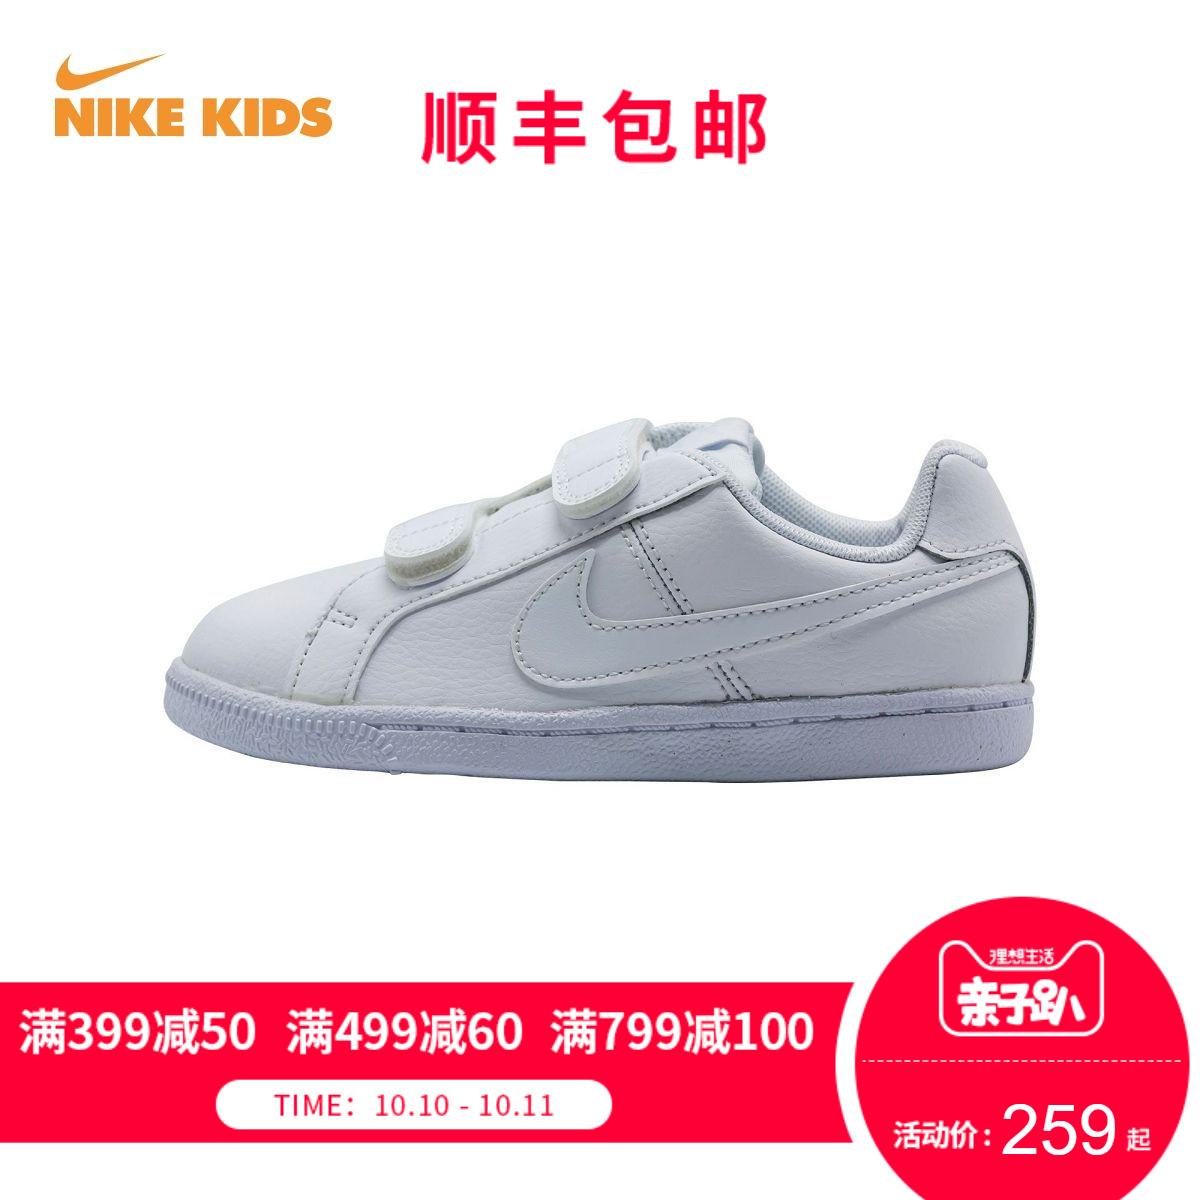 NIKE-耐克儿童白色运动鞋婴童小童休闲鞋小白鞋男童女童鞋秋季